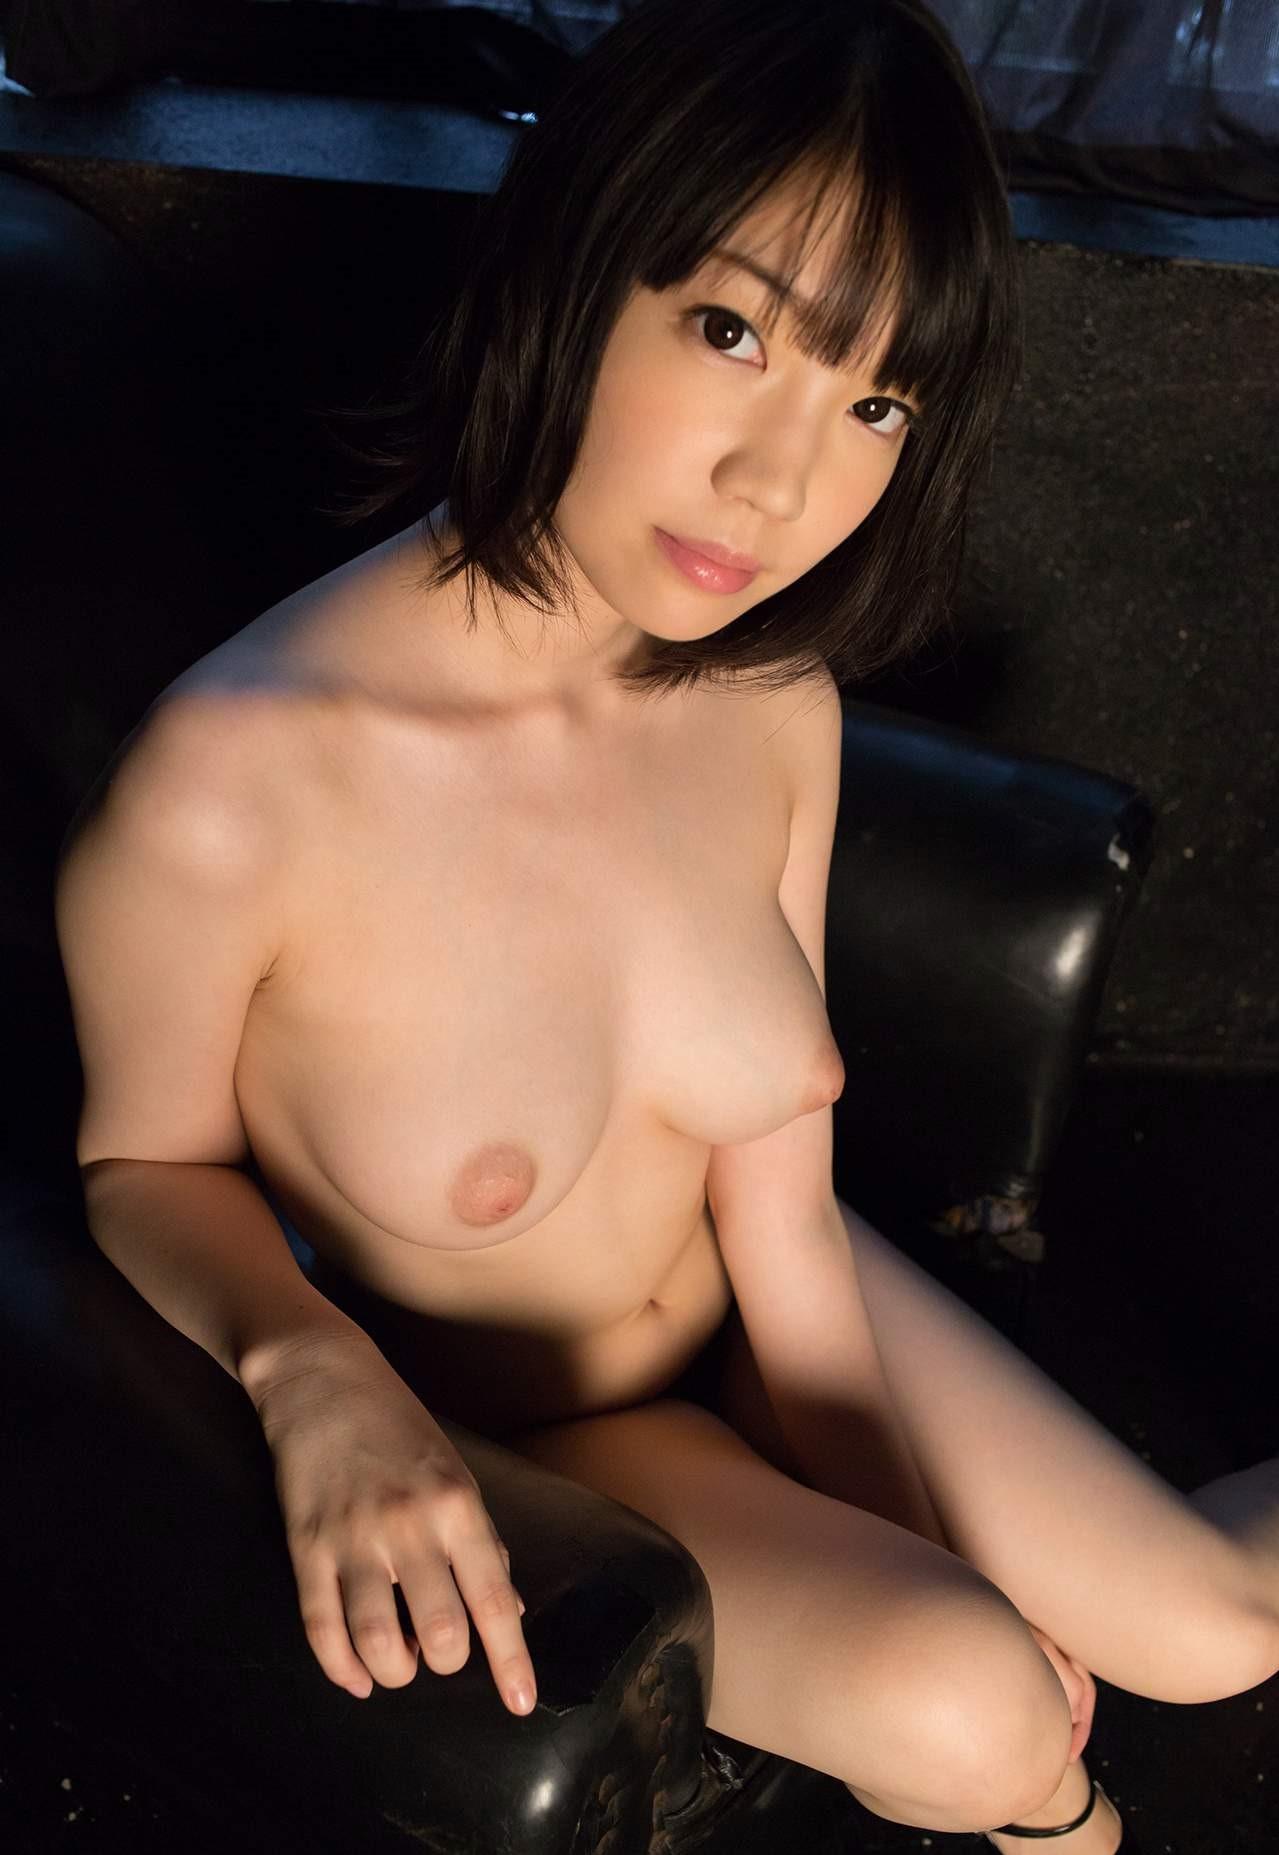 三次元 3次元 エロ画像 AV女優 鈴木心春  ヌード べっぴん娘通信 032